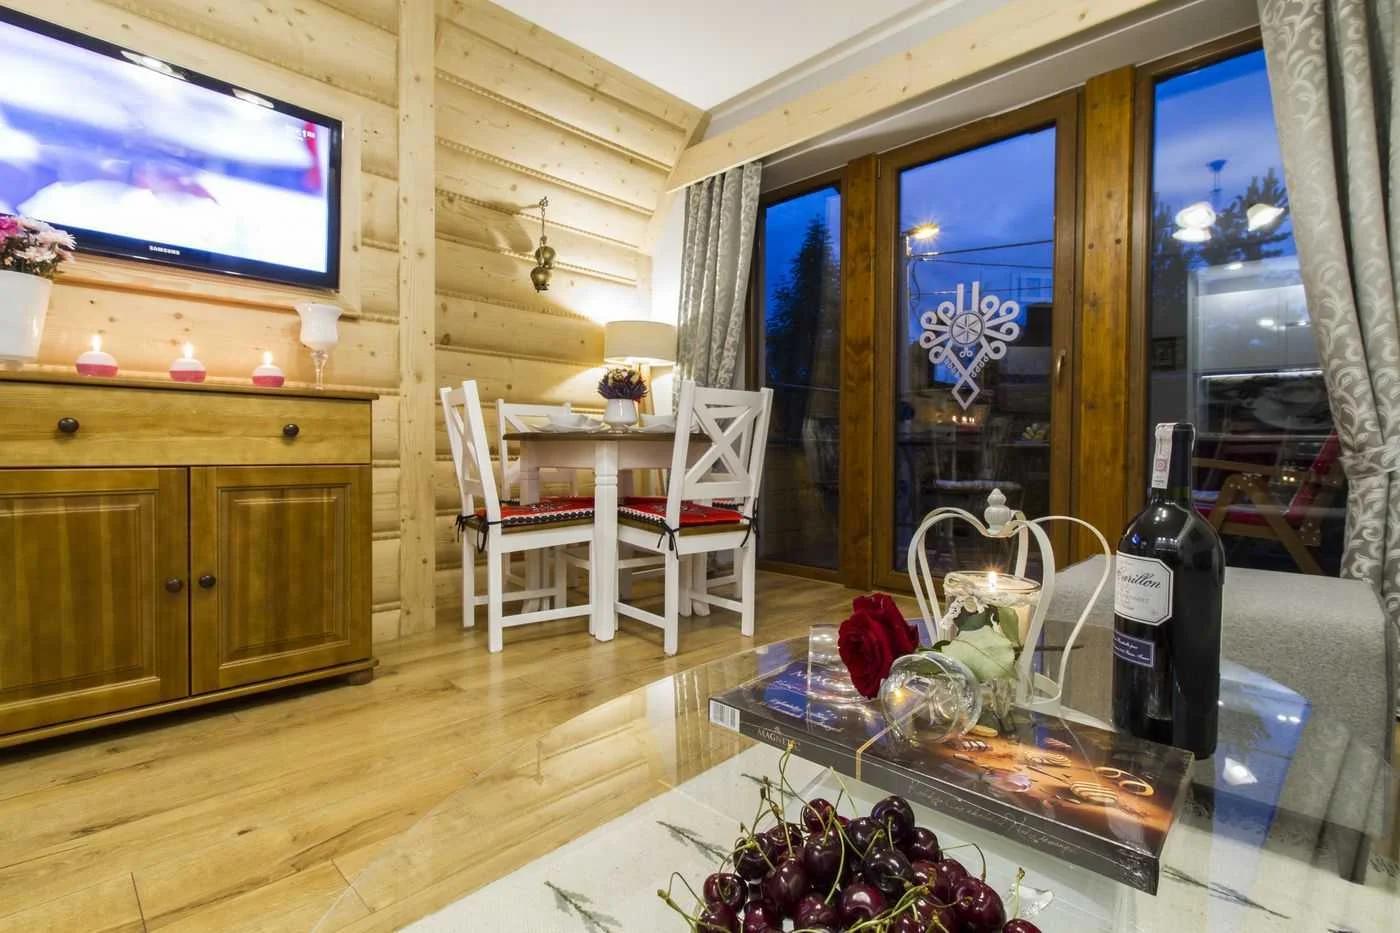 Zdjęcia apartamentów w Tatrach. Niezwykłe, luksusowe wnętrza urządzone na najwyższym poziomie.